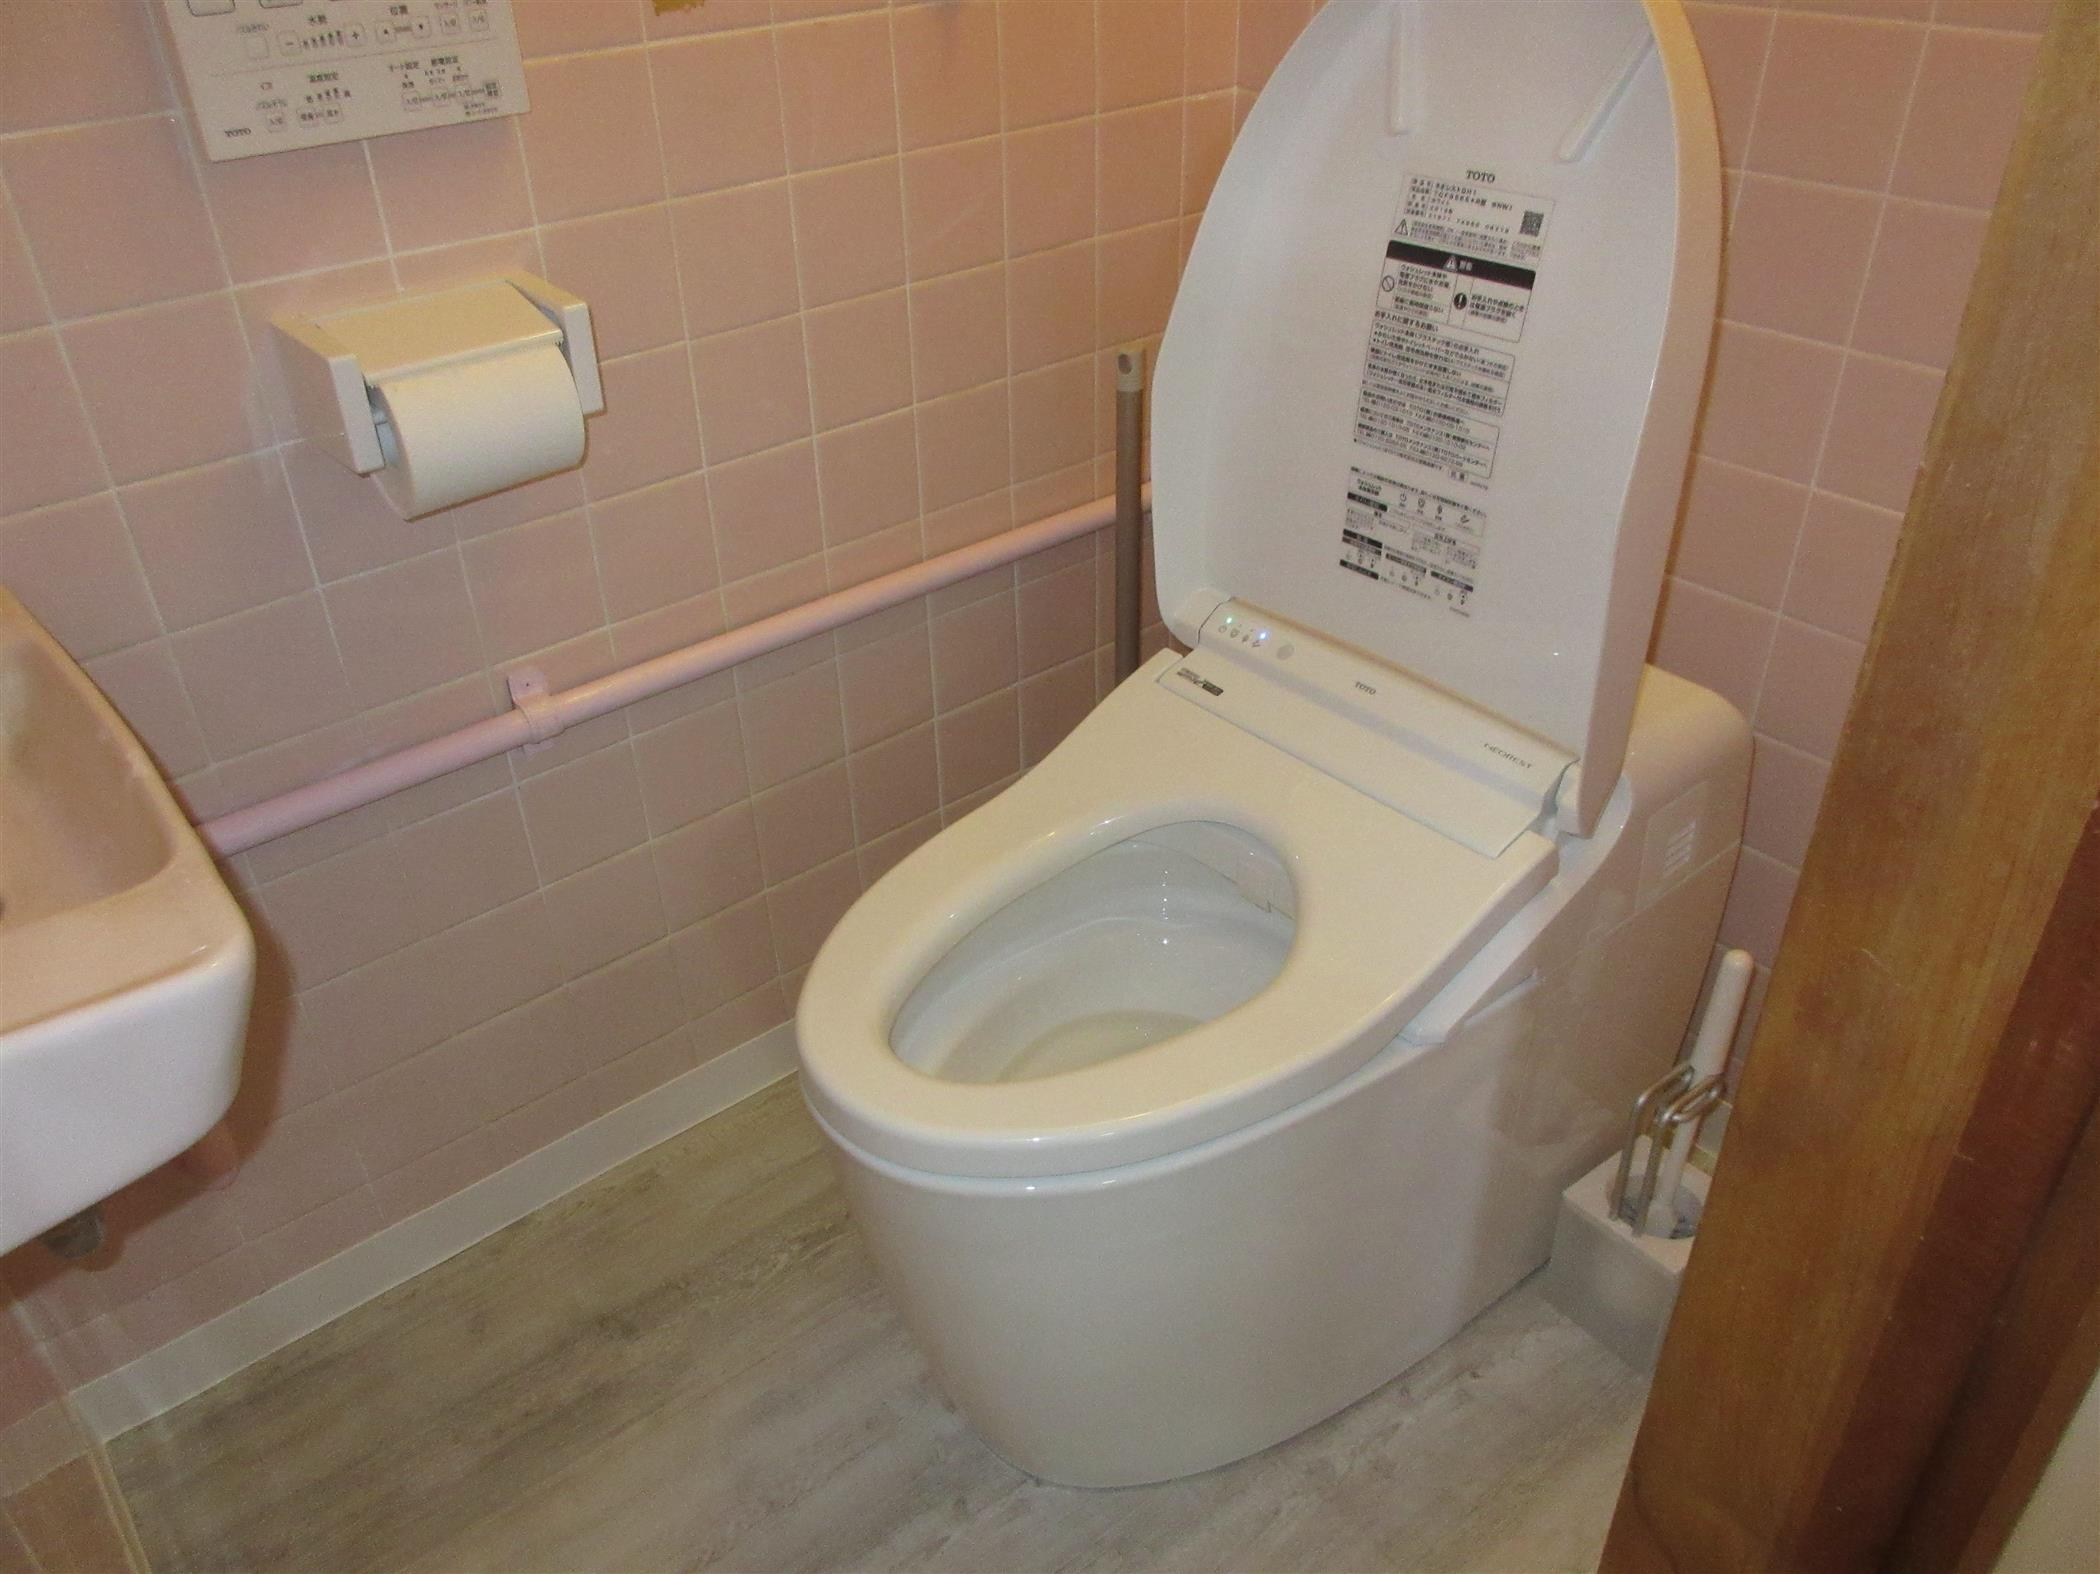 タンクレストイレへ(リフォーム施工事例)を公開しました。   沖縄や那覇でリフォームするなら【株式会社 あうん工房】